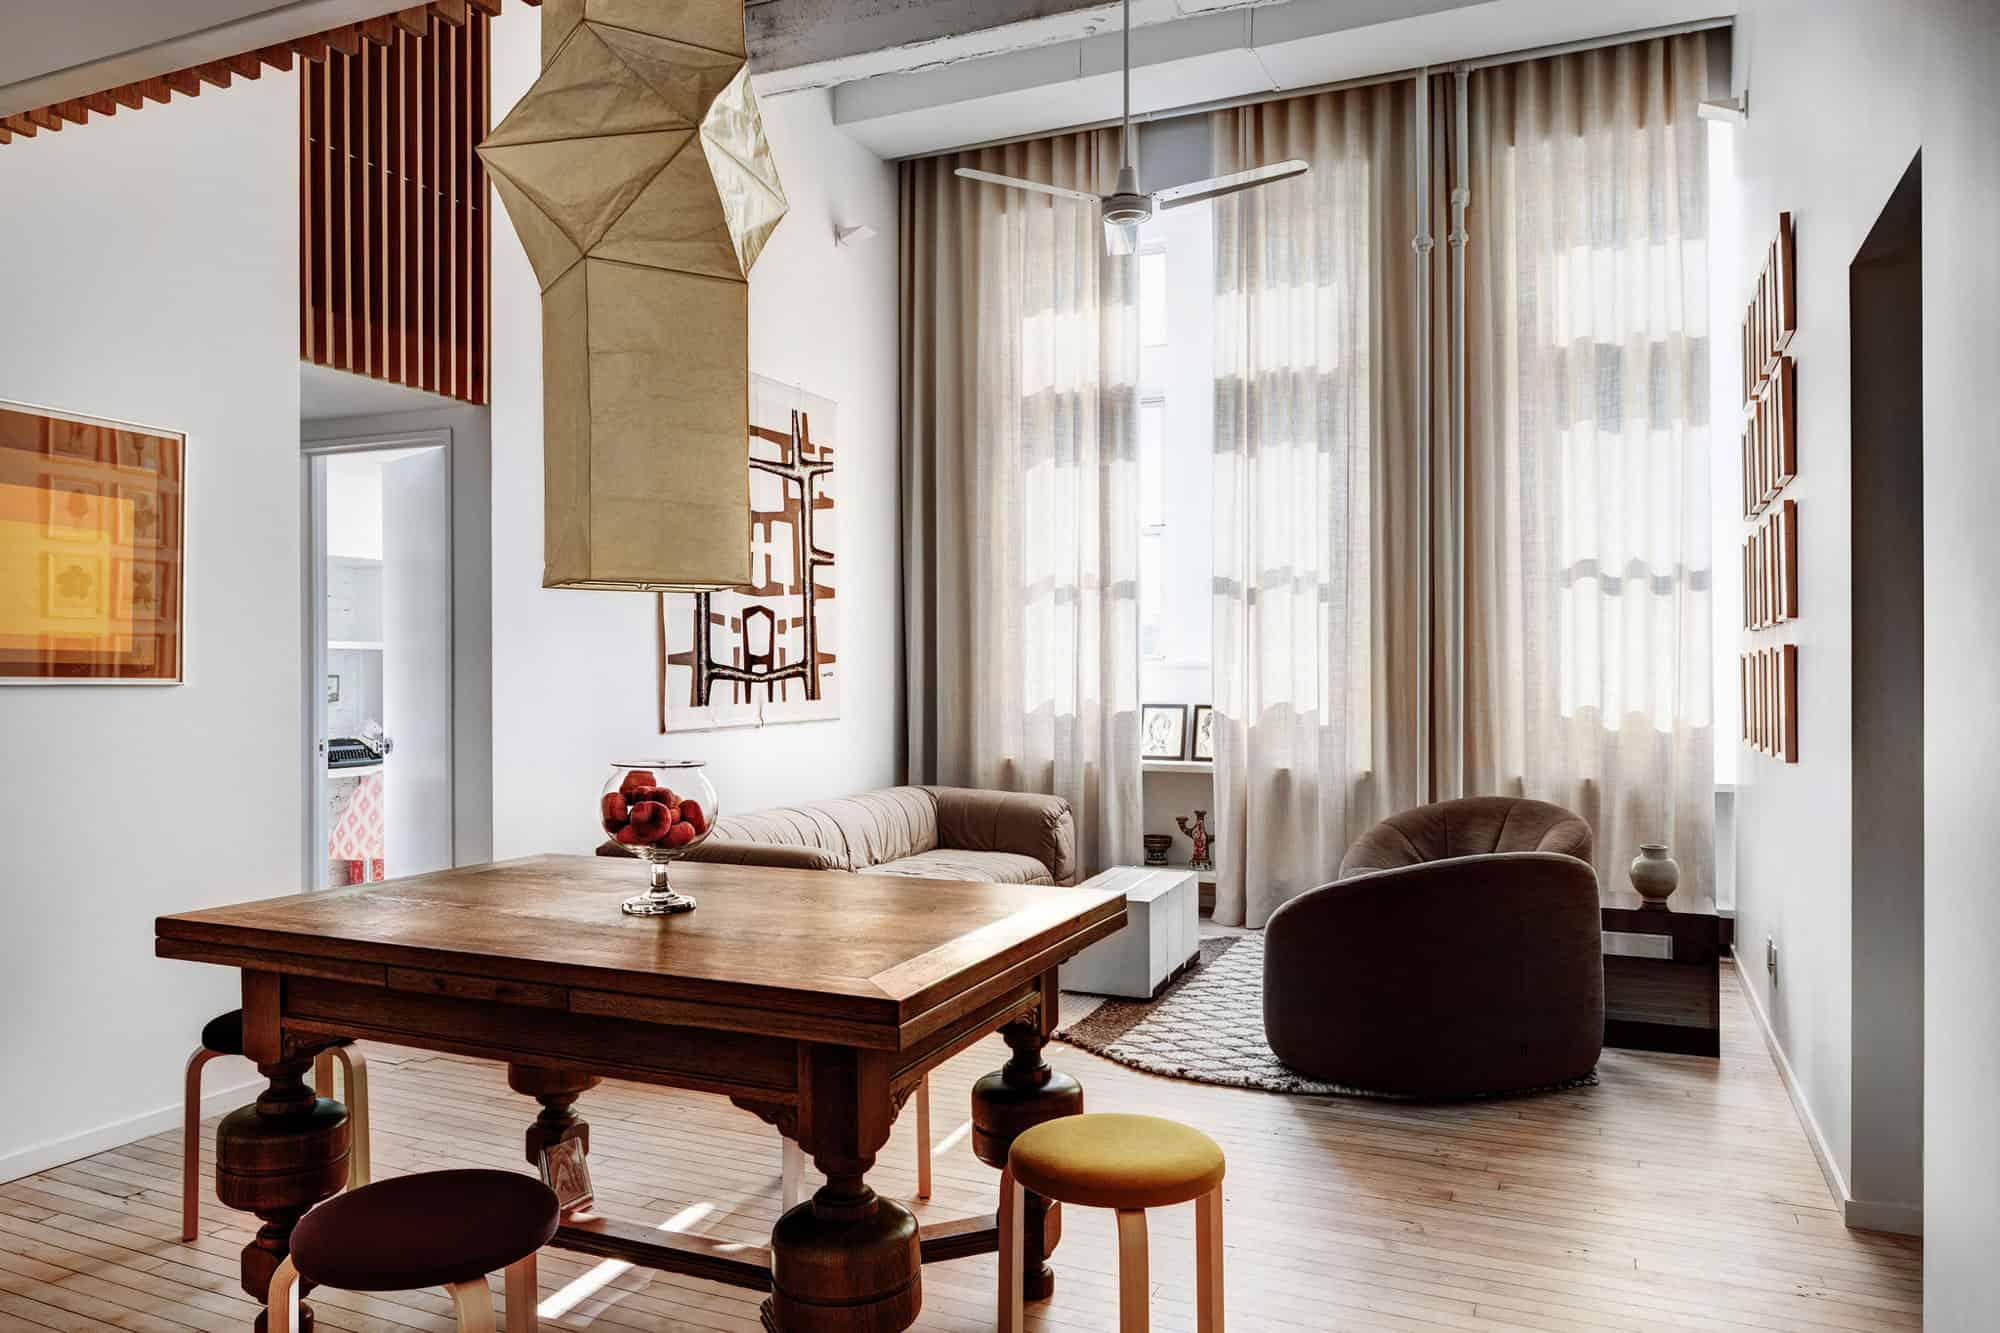 Apartment in brooklyn - Brooklyn apartment interior design ...